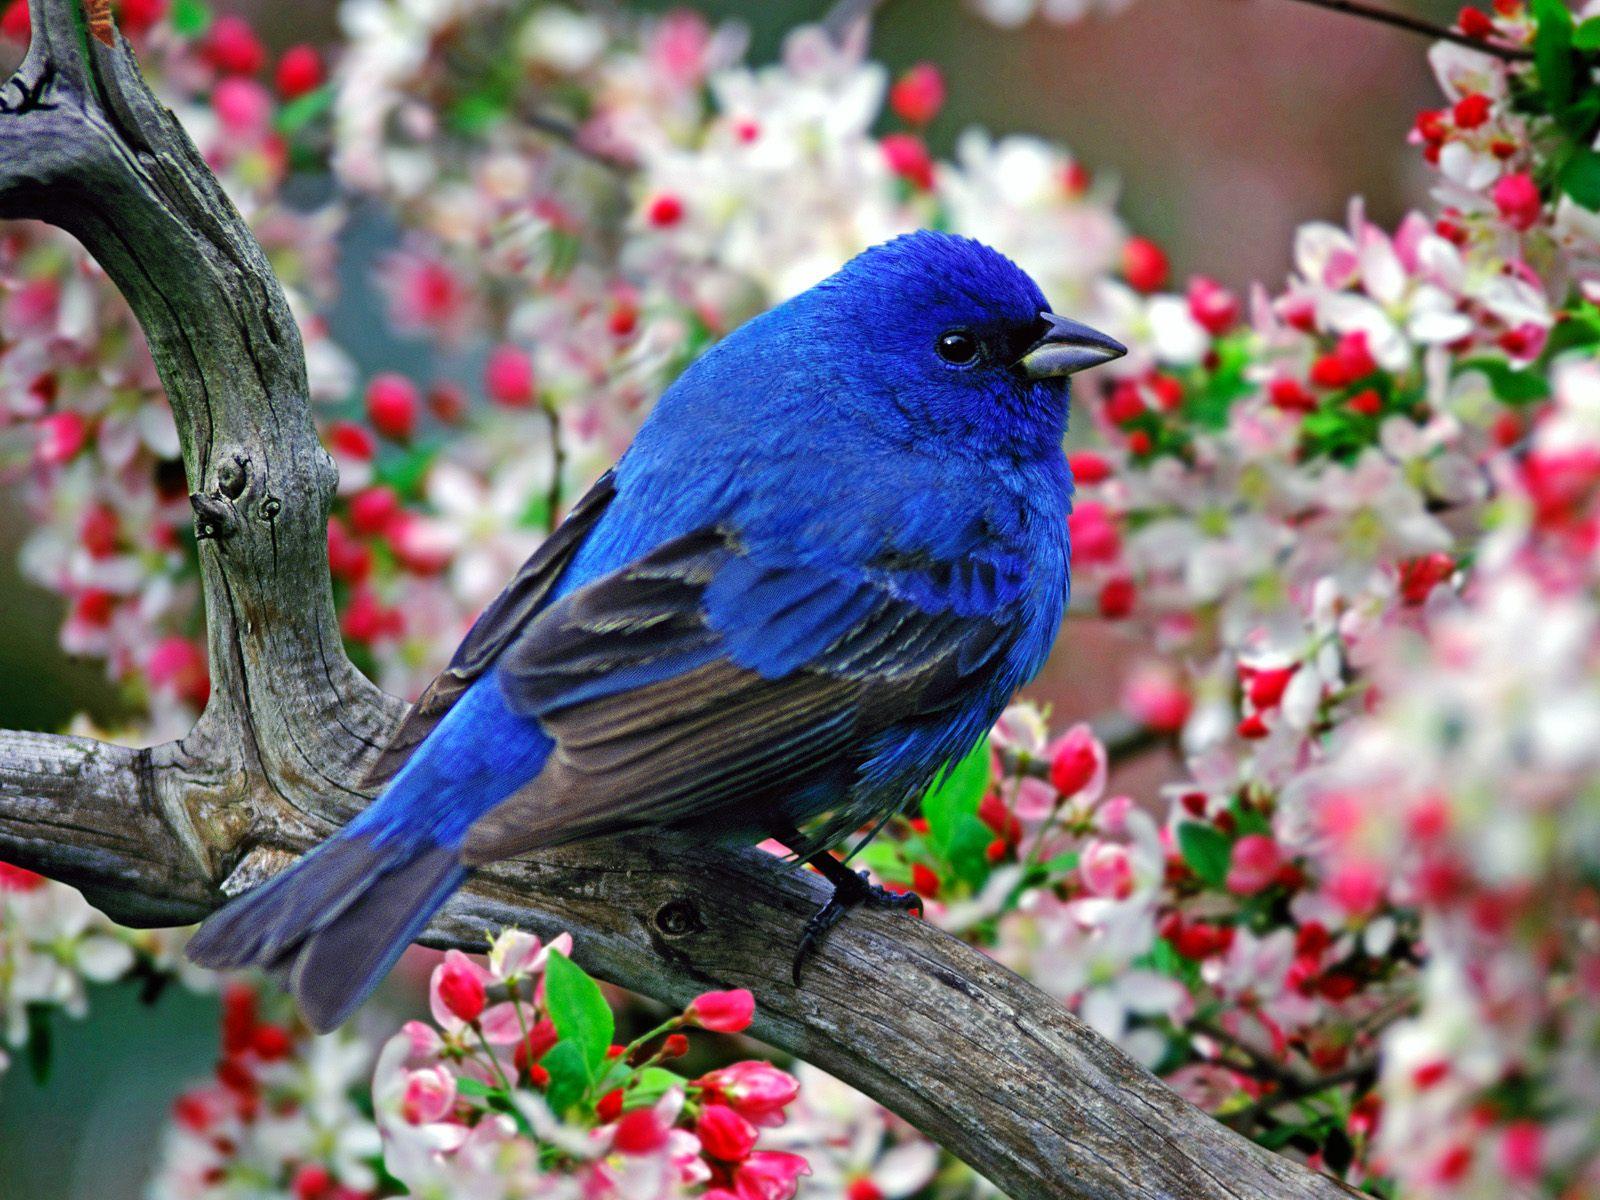 wallpaper bird parrot wallpapers bird wallpaper blue bird wallpaper 1600x1200